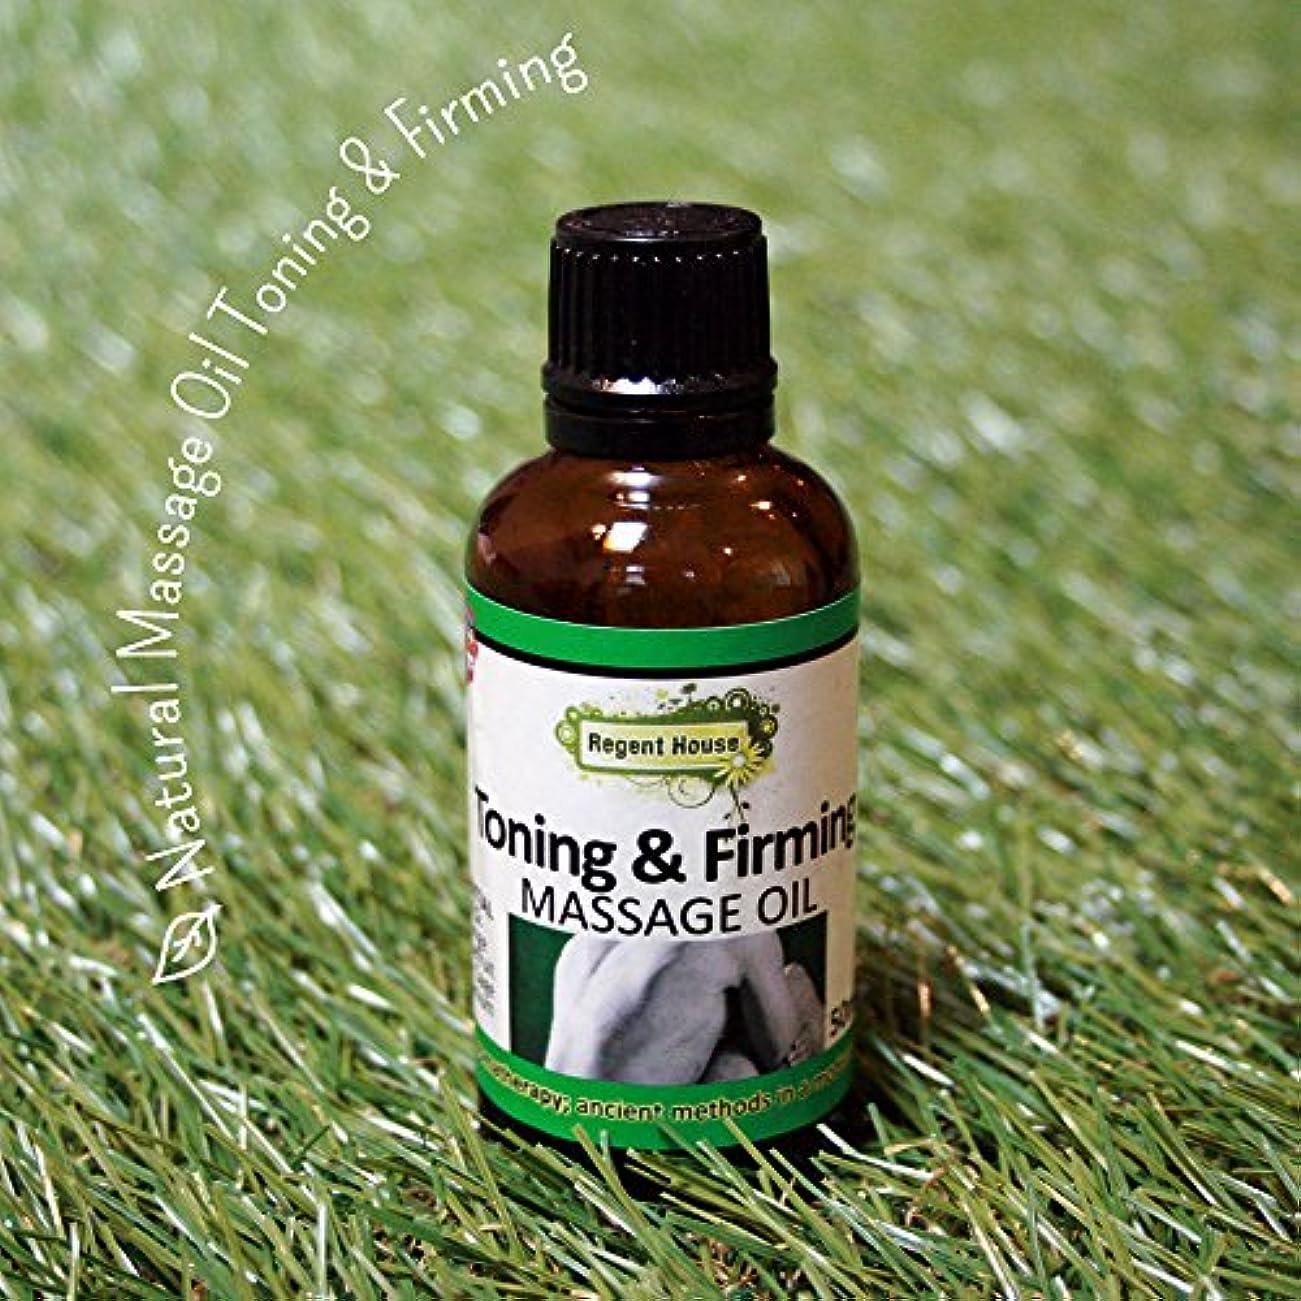 オプショナル医療の弱い天然オレンジと天然グレープフルーツのコンビ。 アロマ ナチュラル マッサージオイル 50ml トニング&ファーミング(Aroma Massage Oil Toning & Firming)<BR>